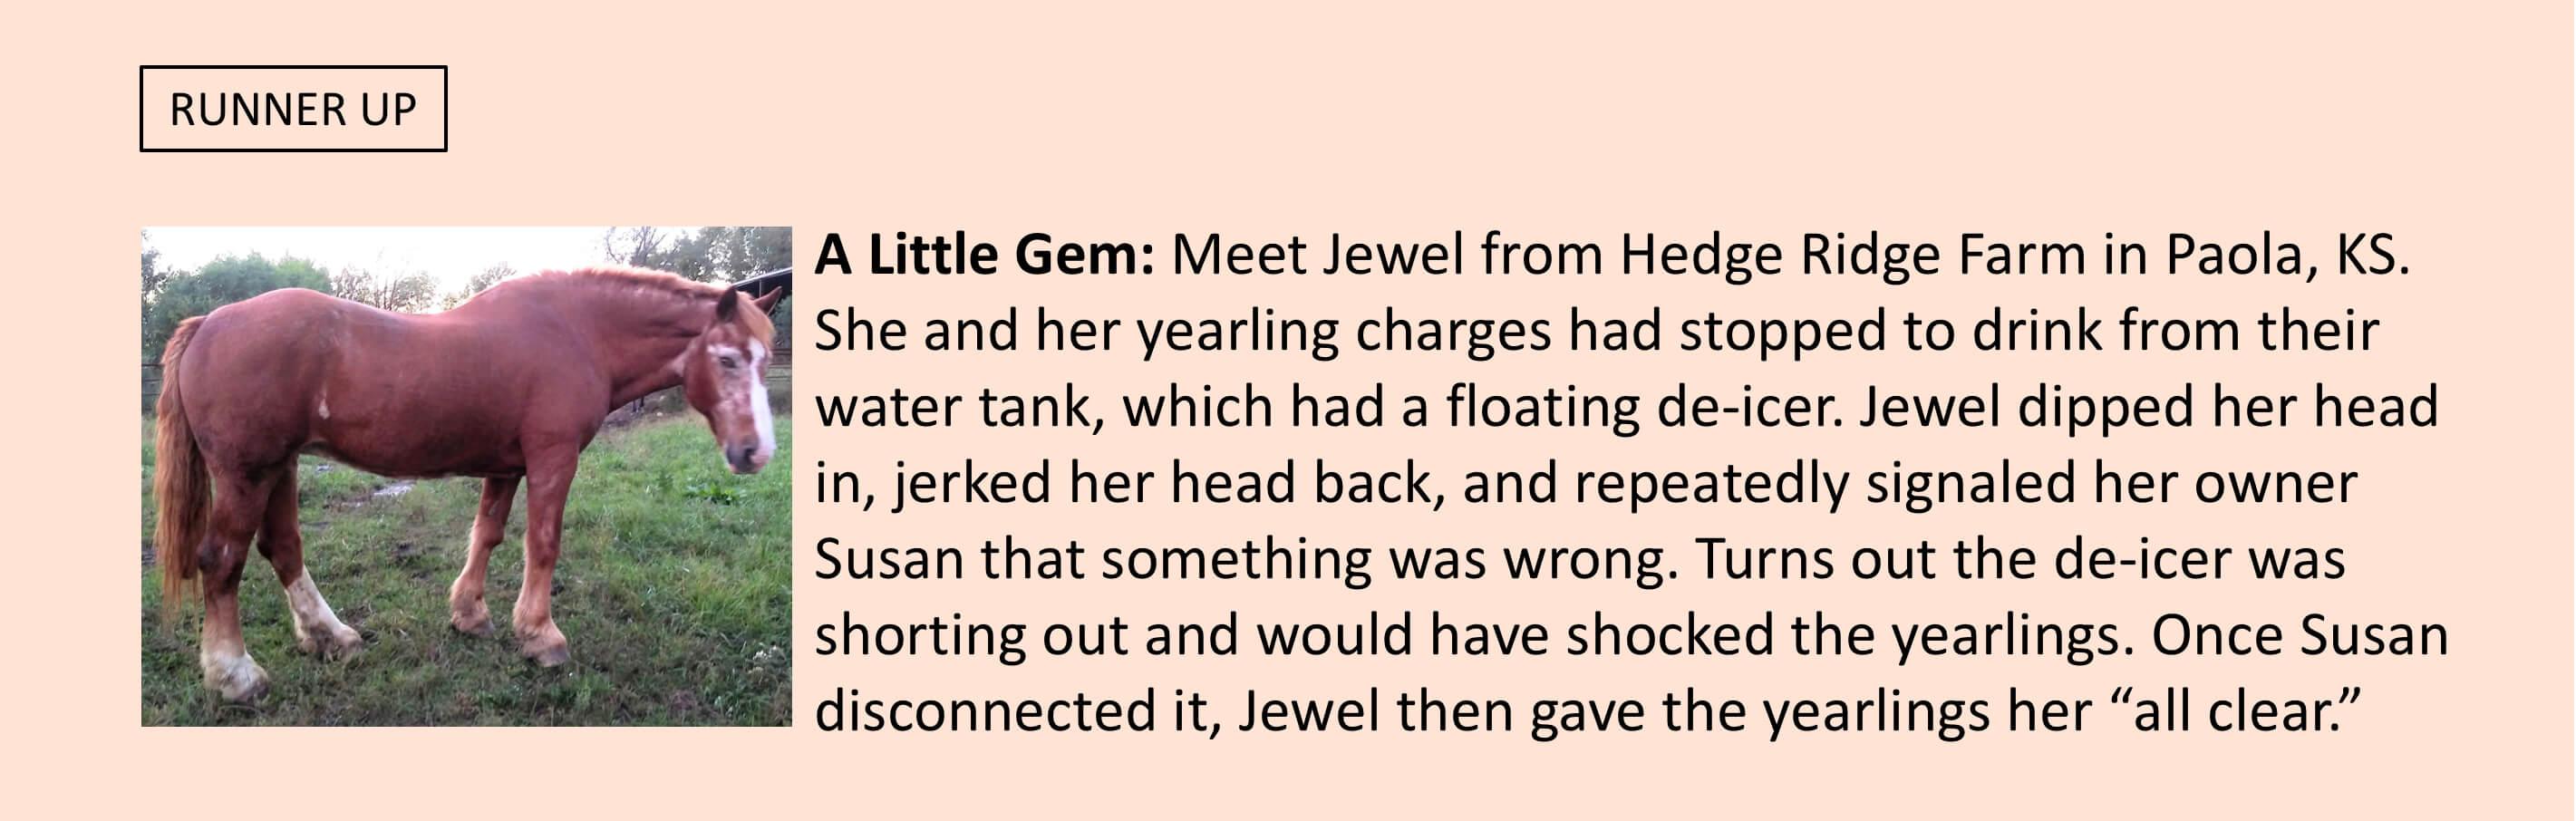 Jewel from Hedge Ridge Farm in Paola, KS